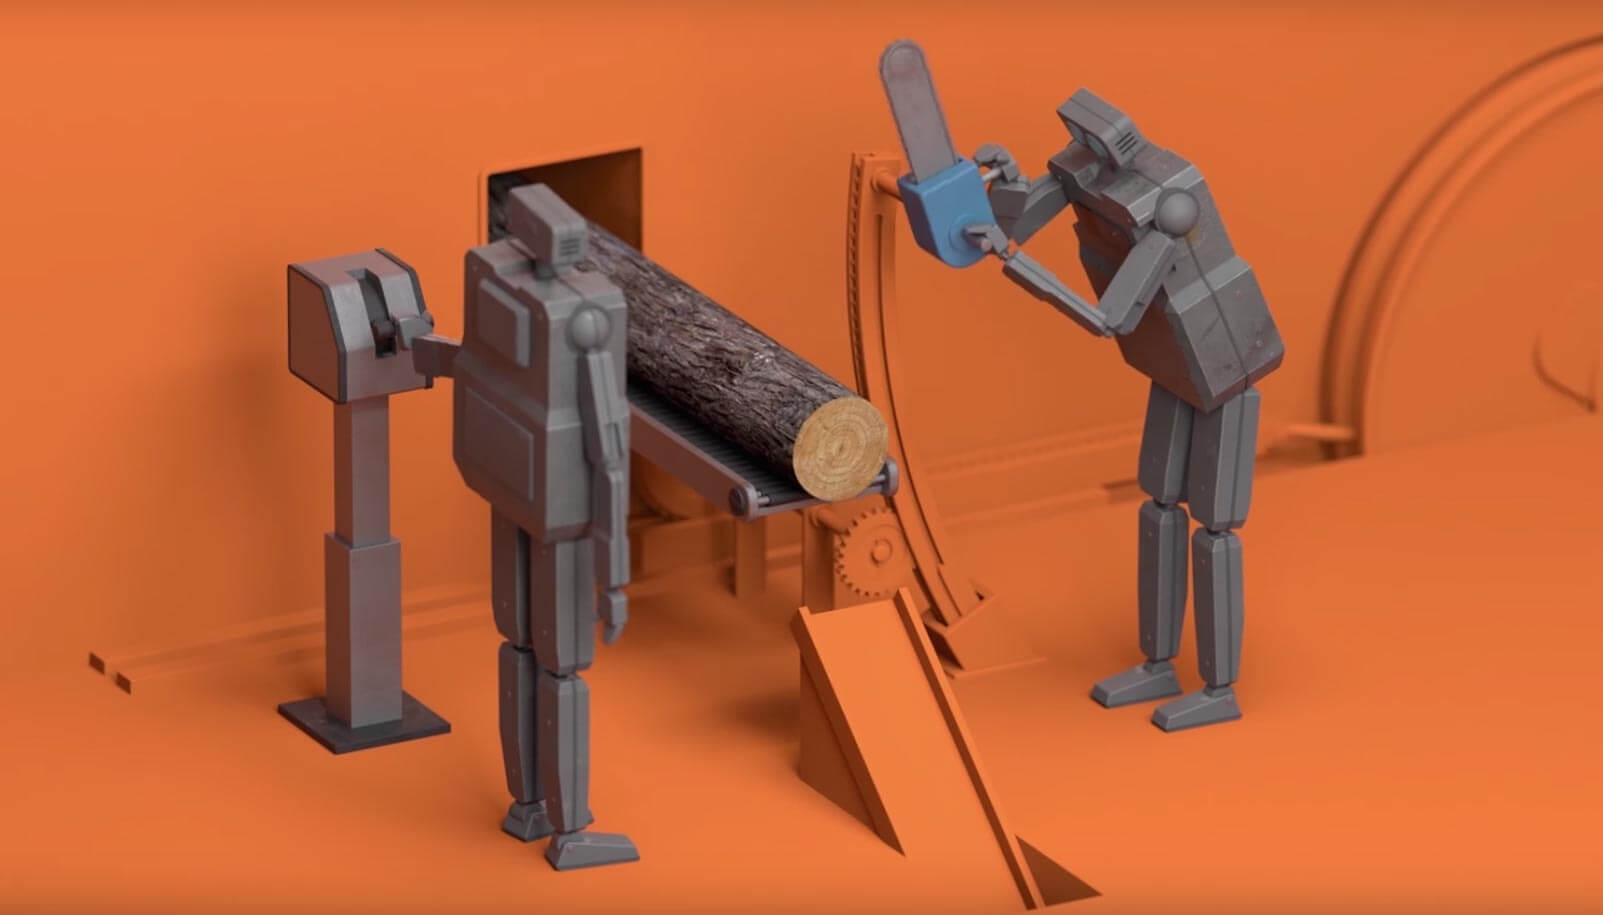 #видео дня   Грустный мультфильм о незавидной судьбе роботов-трудоголиков